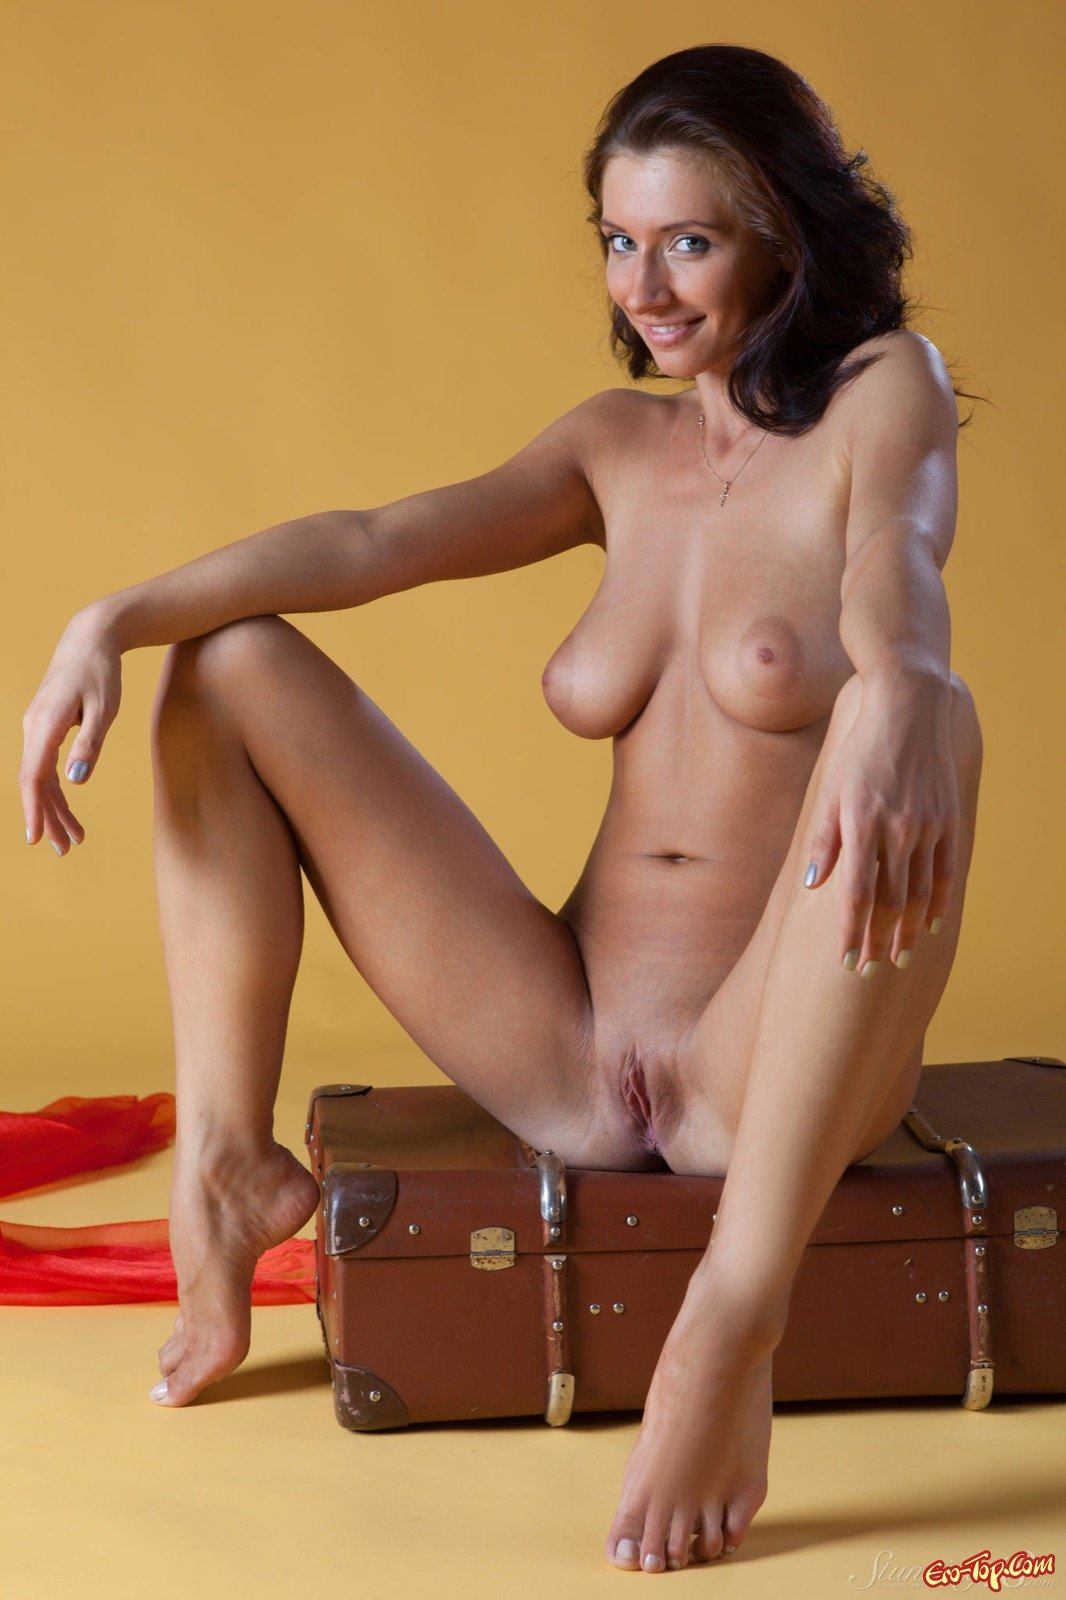 Раздетая загоревшая красавица снимается рядом с чемоданом